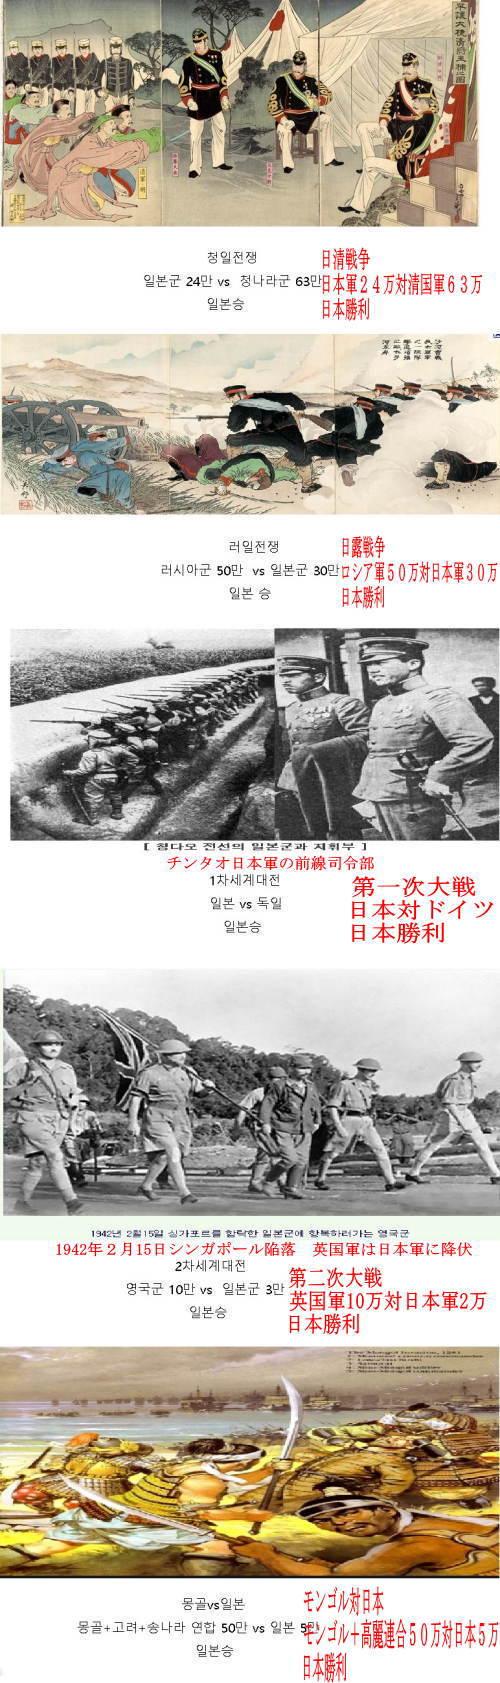 [韓国の反応]日清、日露戦争、元寇における日本軍の戦果は本当ですか?